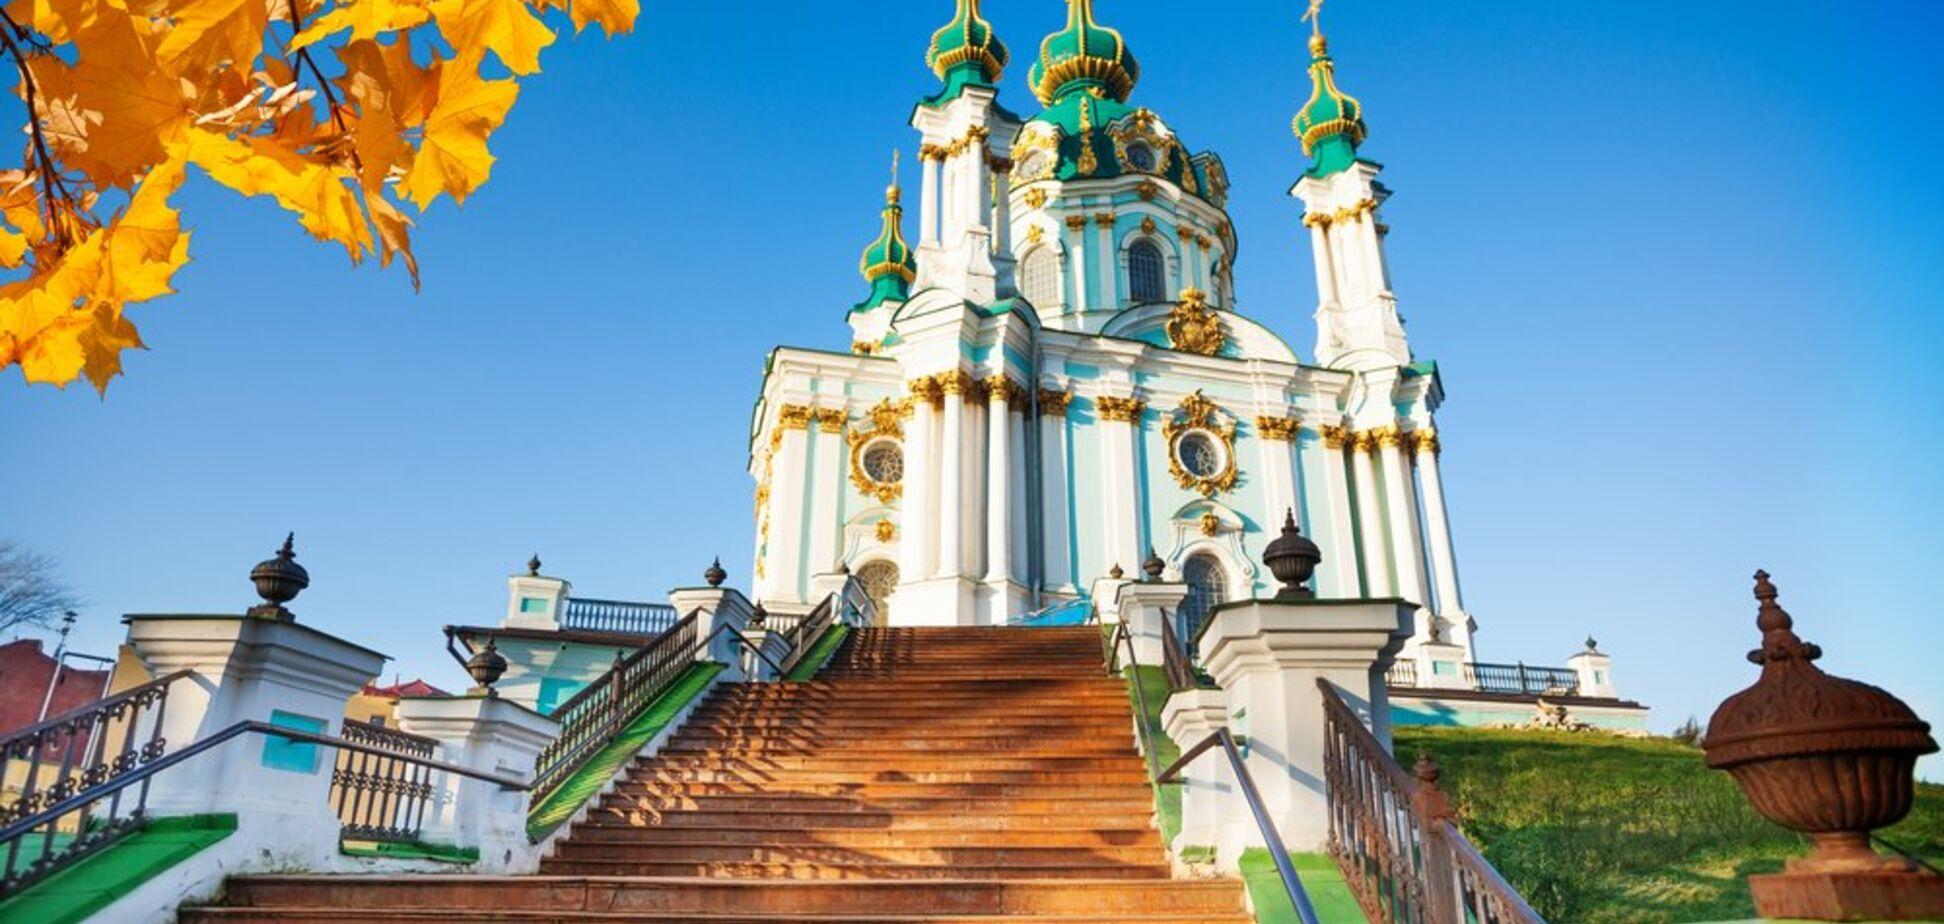 Томос Україні: Порошенко виступив із несподіваною ініціативою